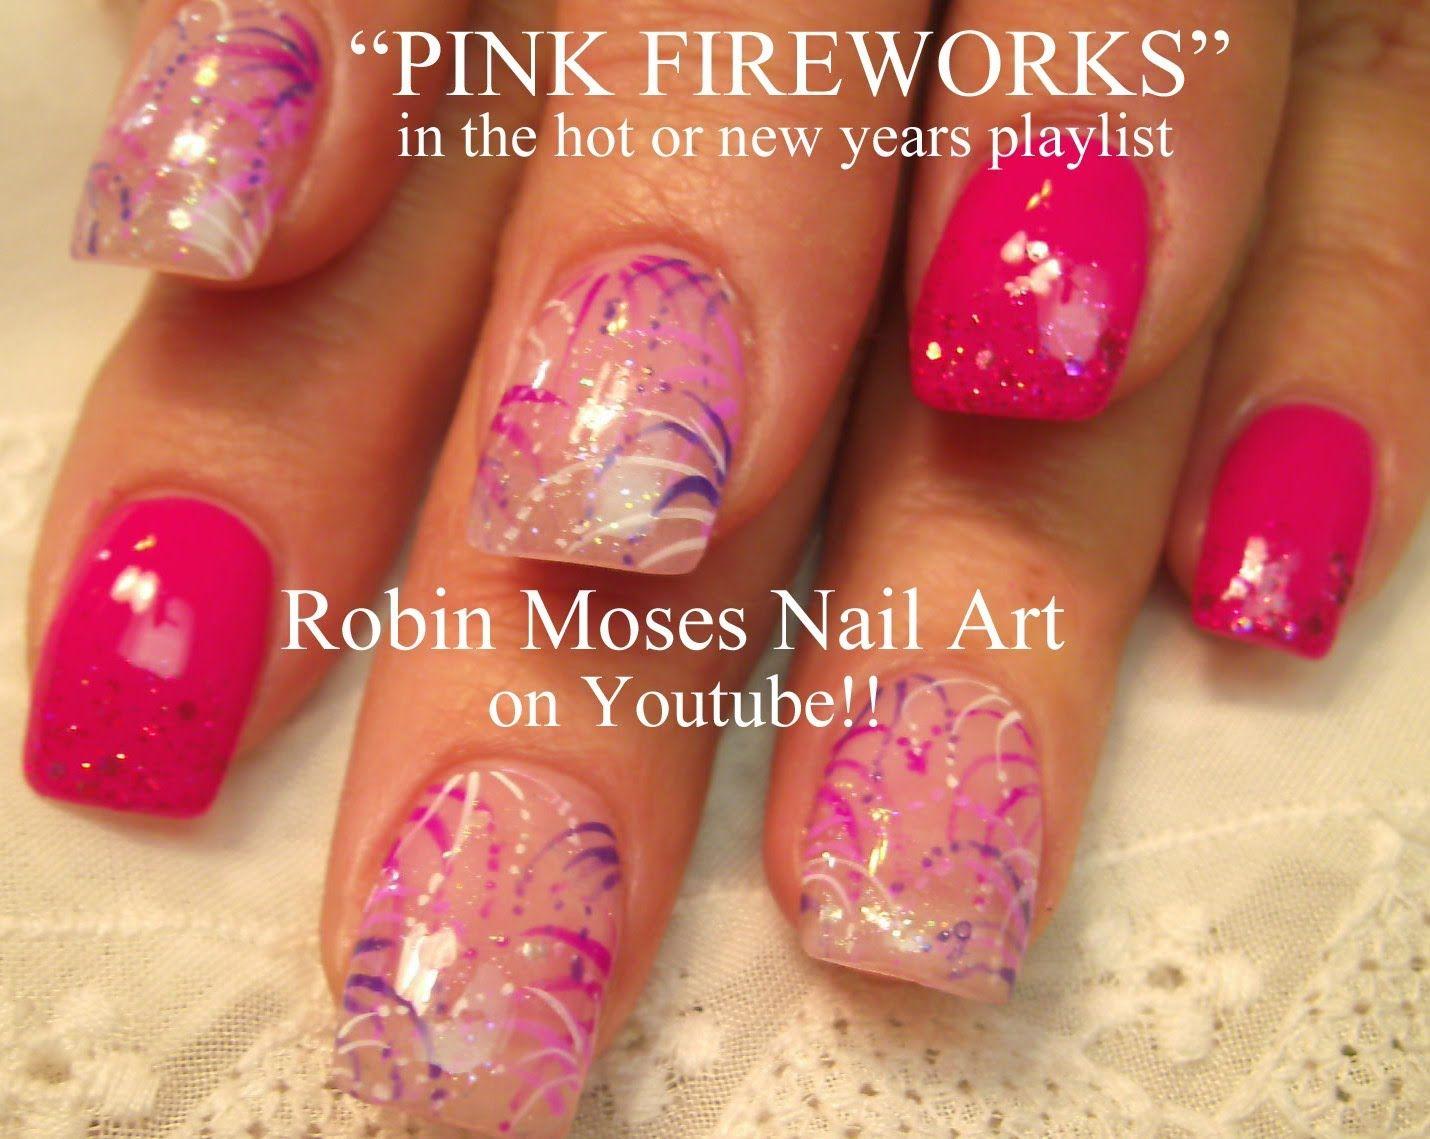 Pink NYE Nail Art FIREWORKS | robin moses nail art videos ...